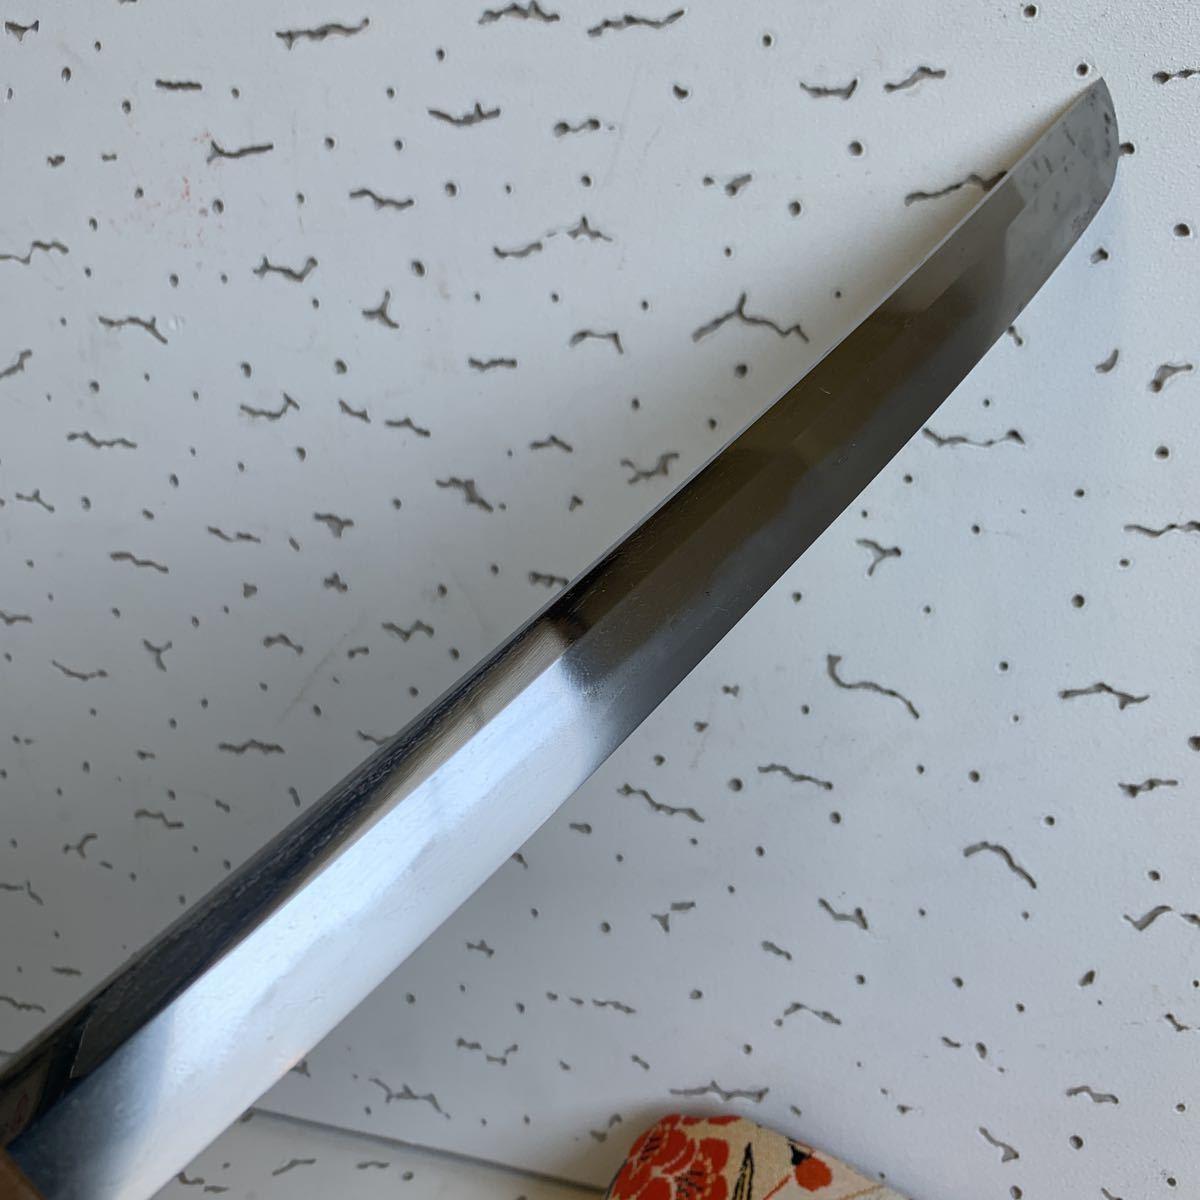 短刀 真剣 珍品貴重 乱刃短刀 横手入_画像5